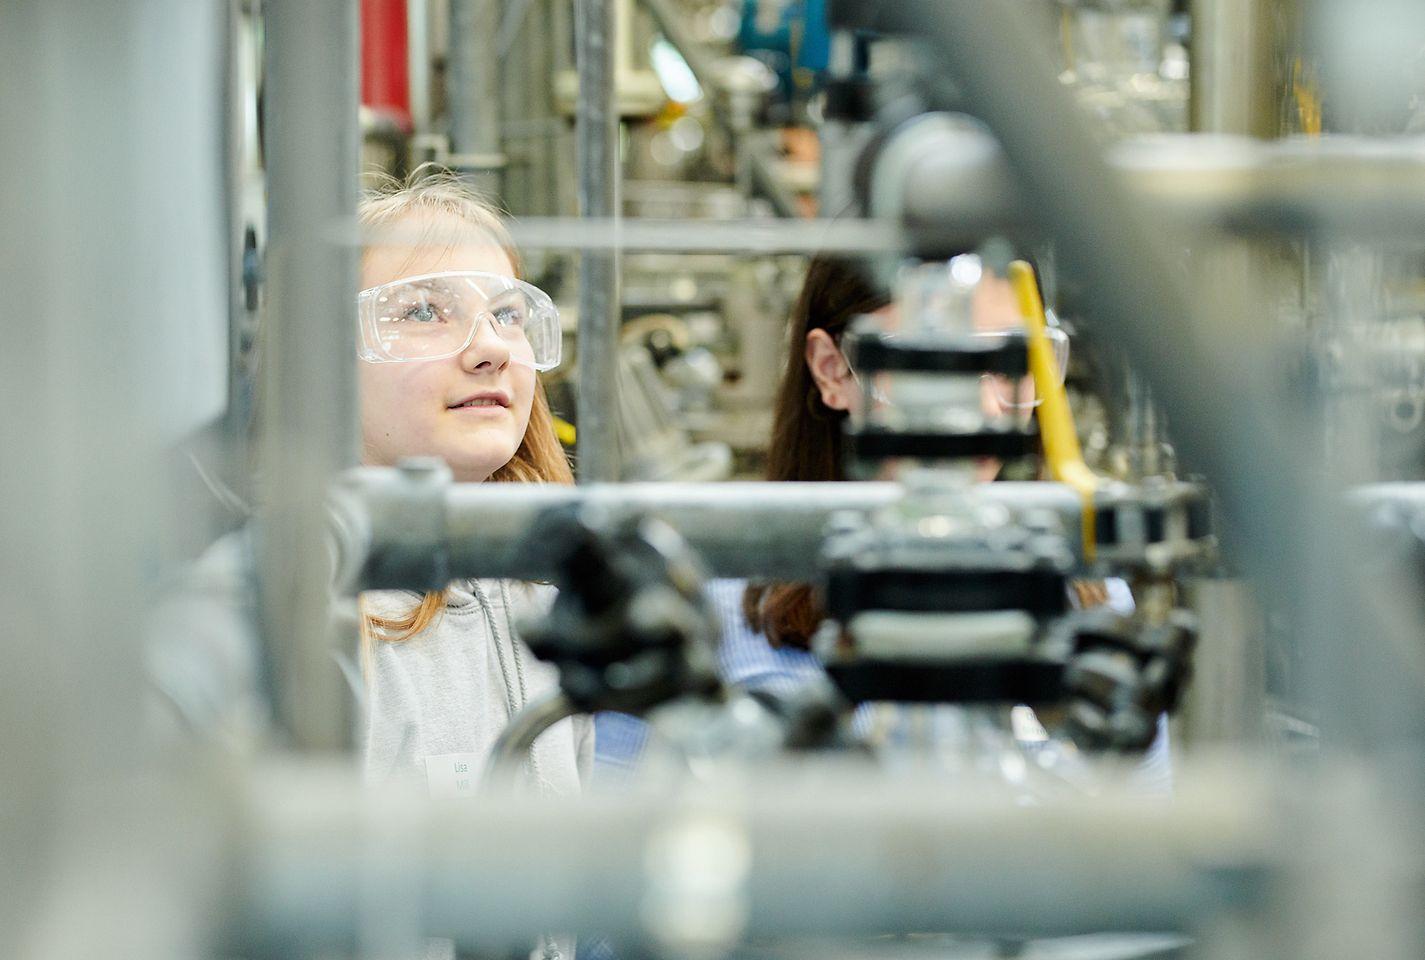 Die Schülerinnen erhalten spannende Einblicke in die Arbeit als Chemikantin.